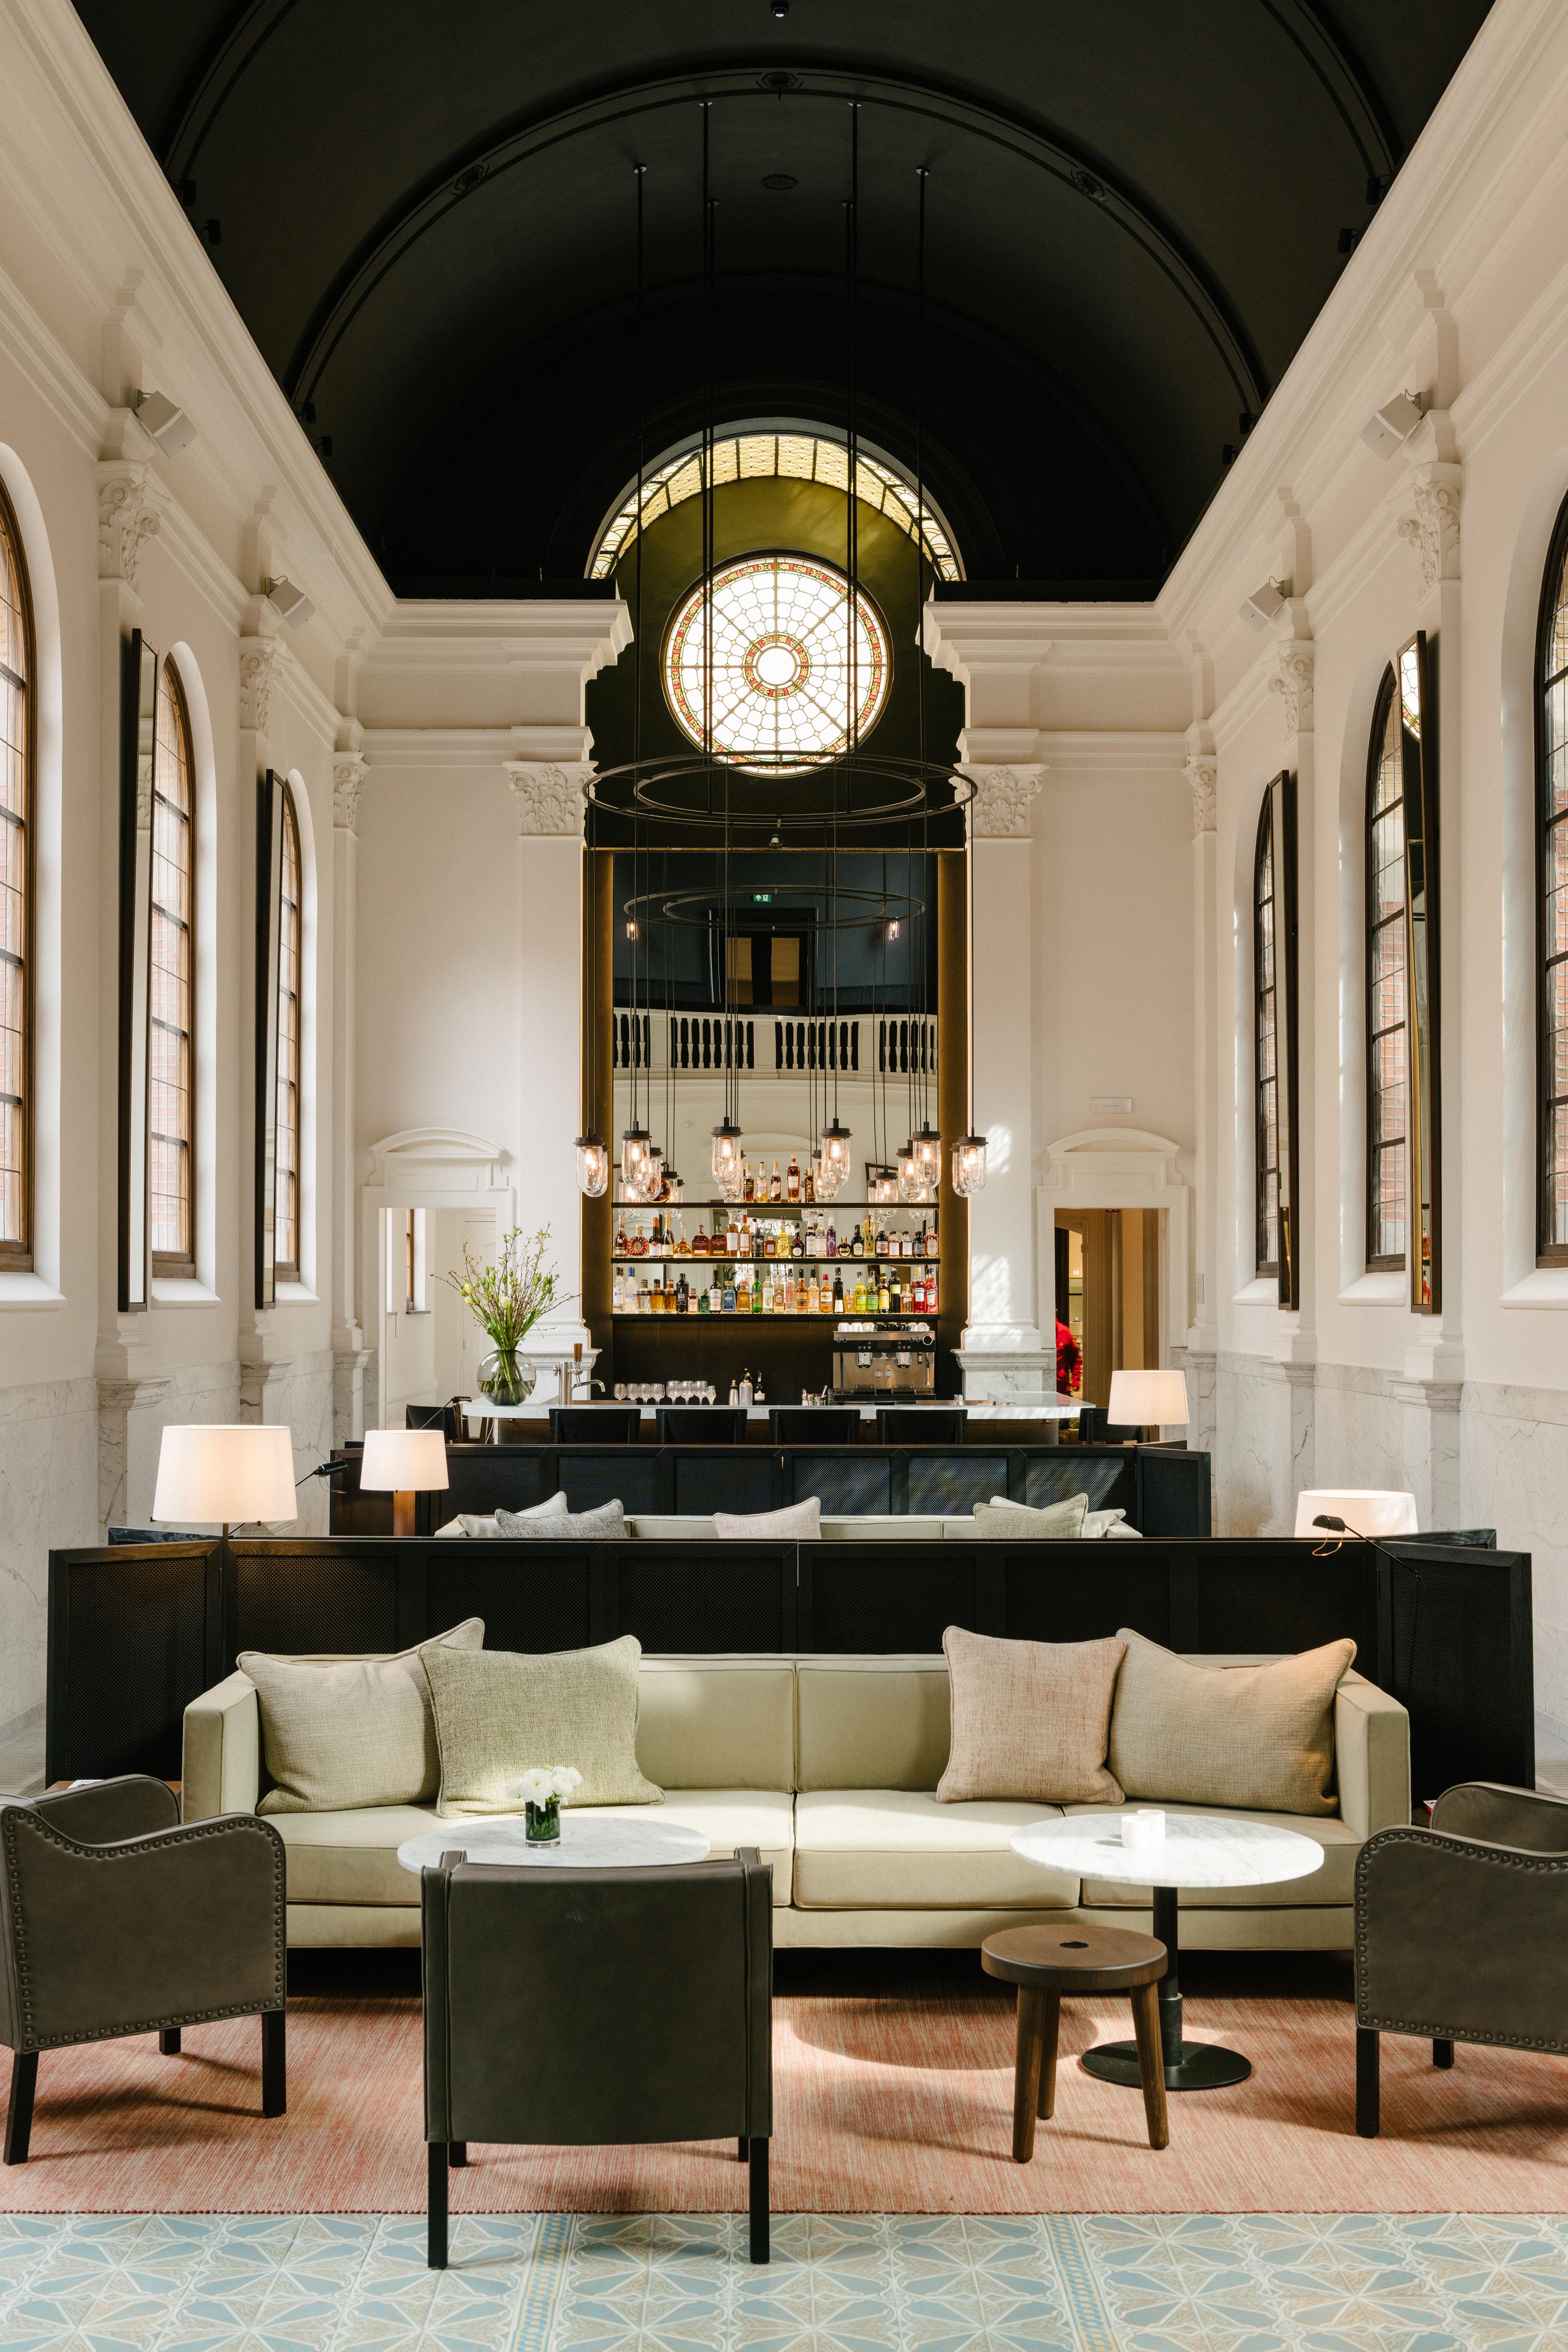 Vvda 190417 Hotel August Robert Rieger Press Selection Hr 22